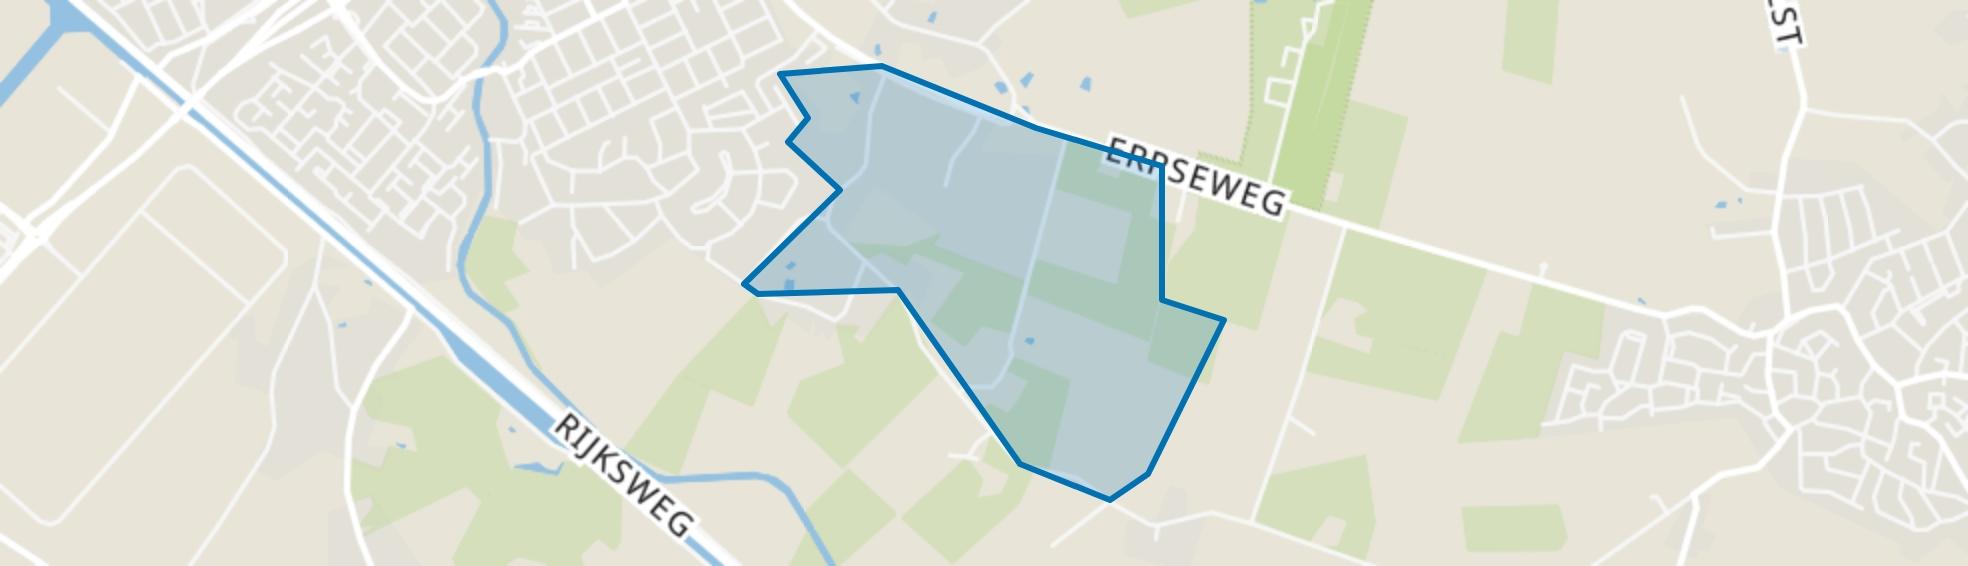 Erpseweg Zuid, Veghel map